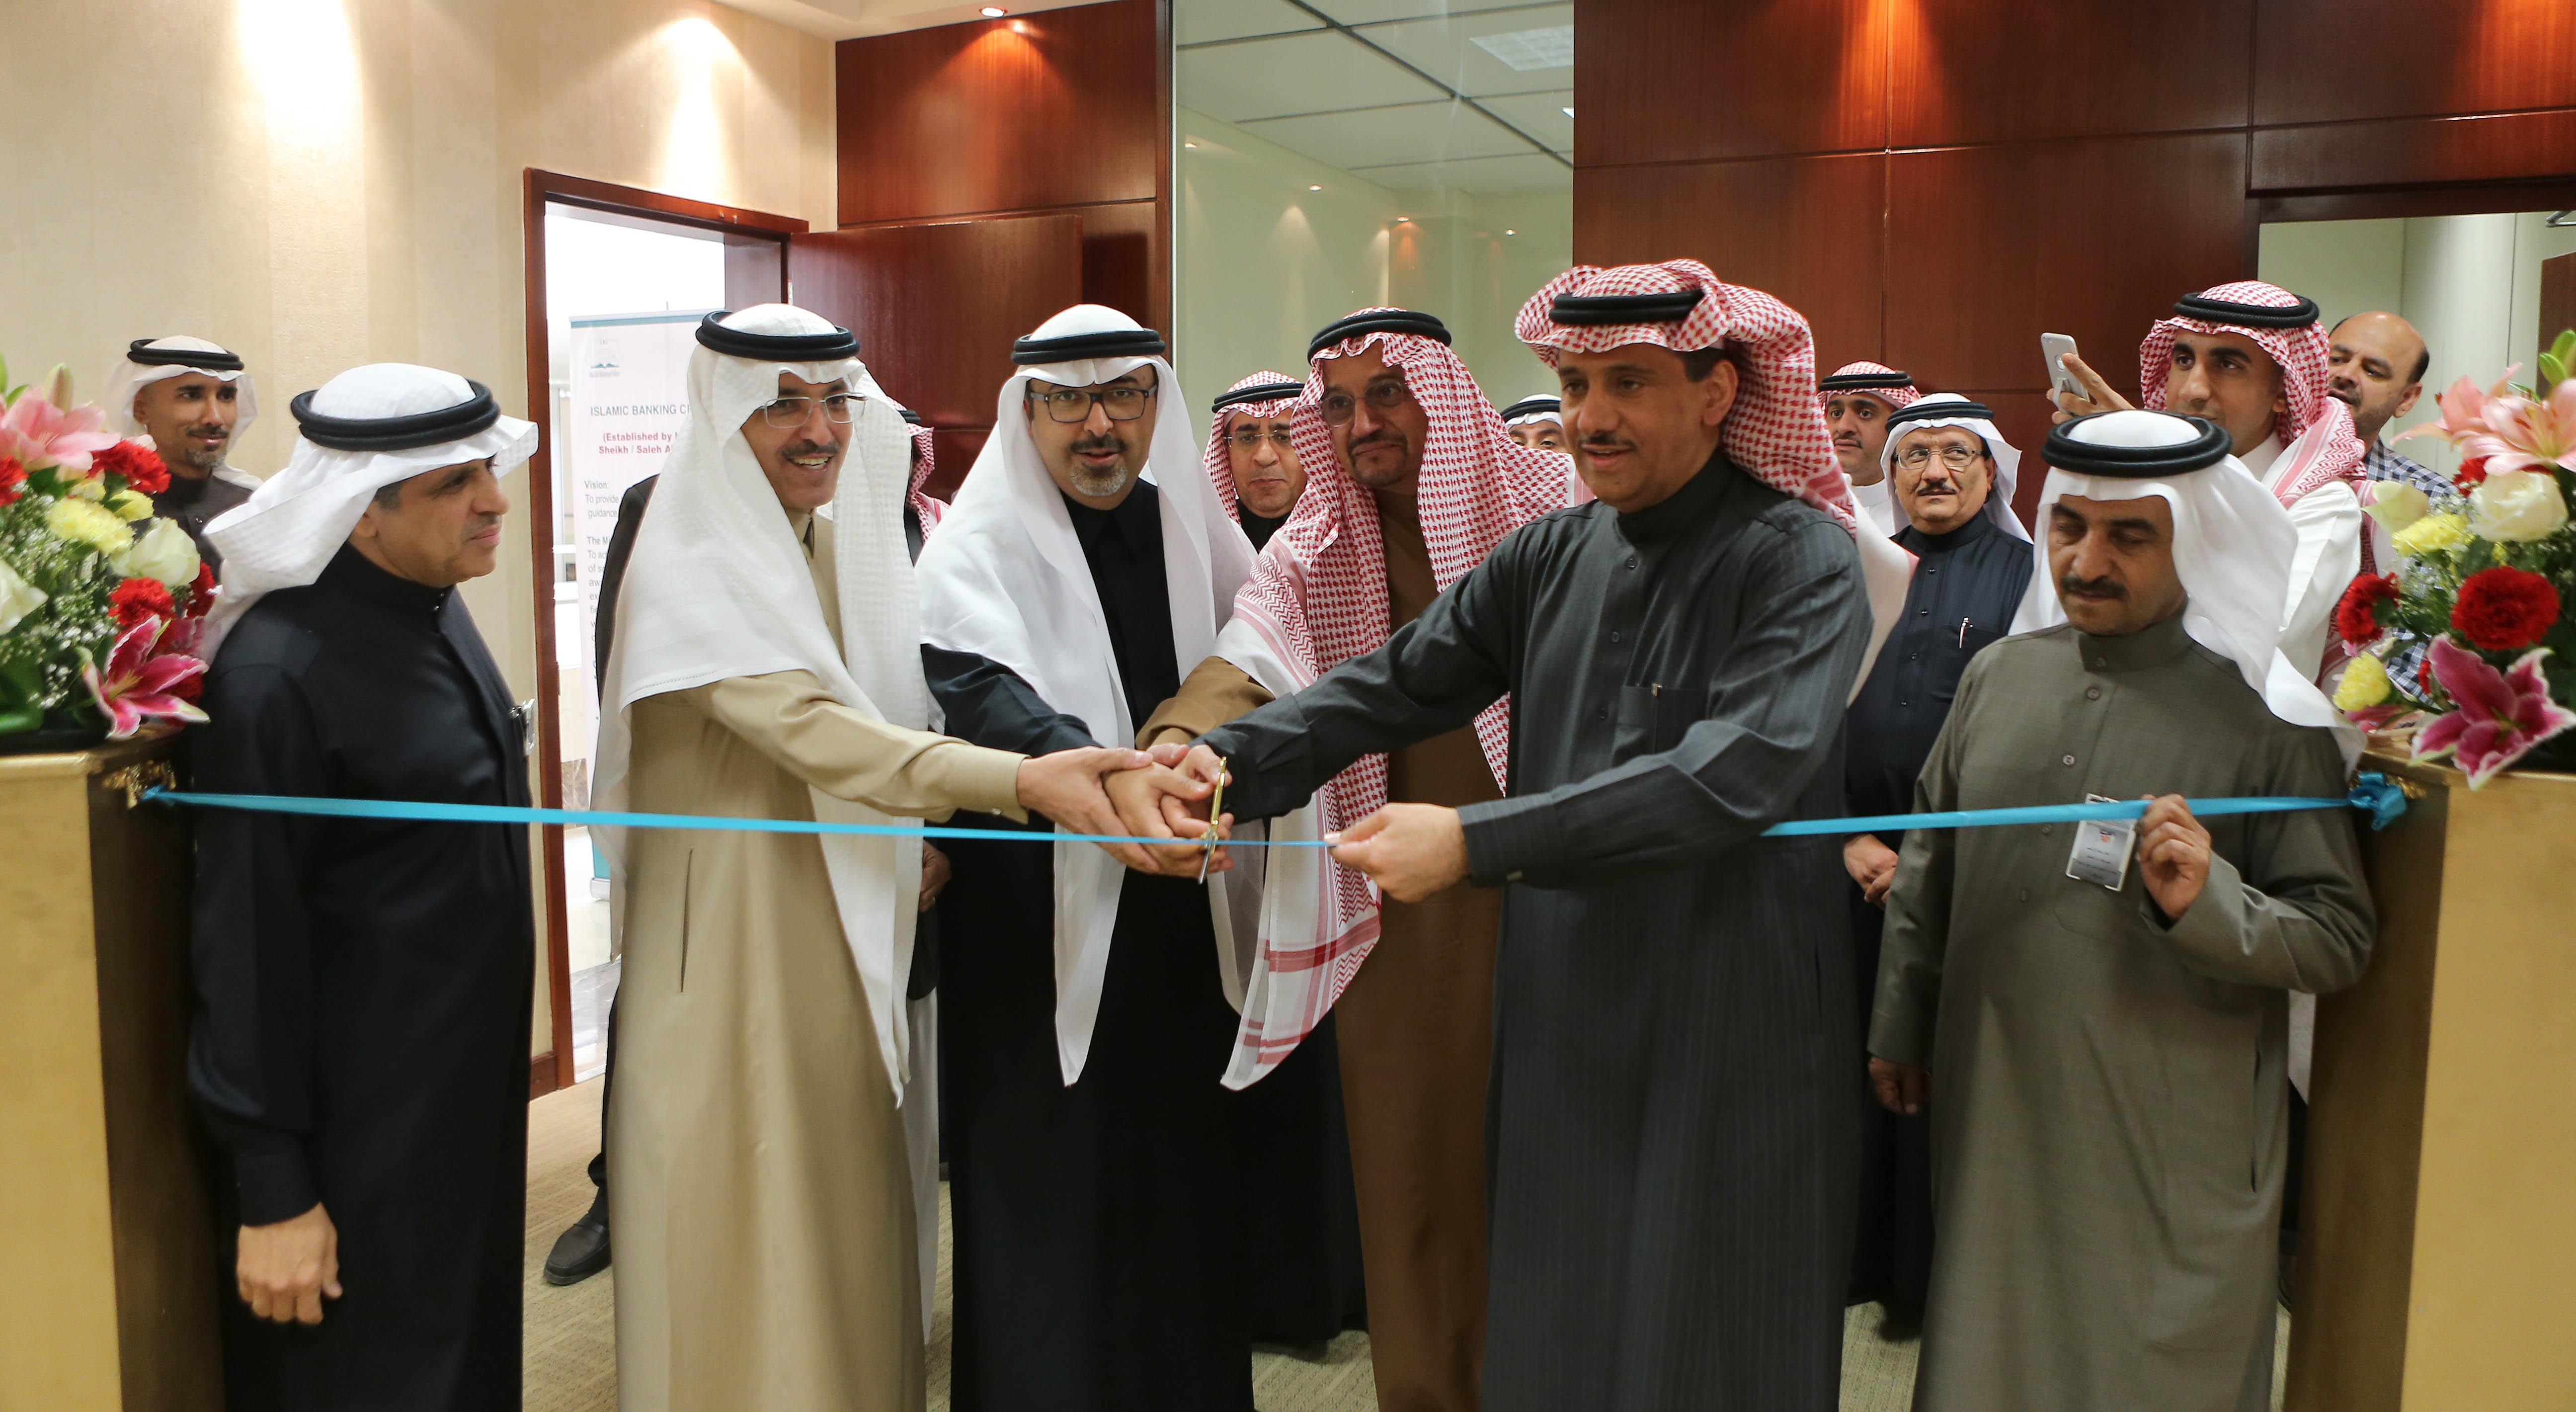 افتتاح مركز الشيخ صالح كامل للدراسات المصرفية والبحوث الإسلامية